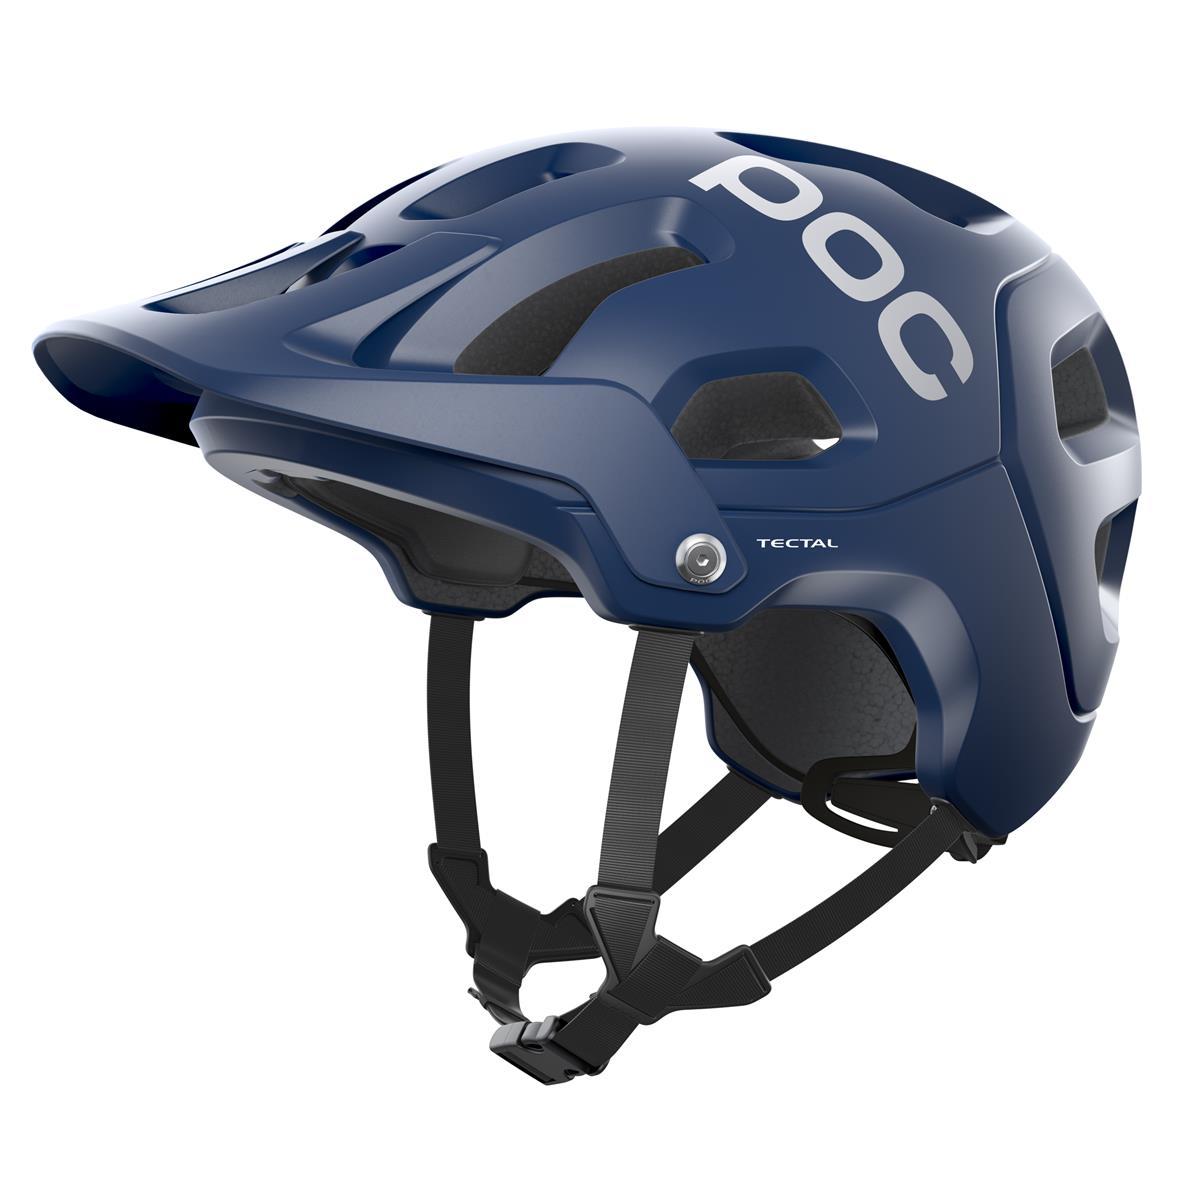 Enduro helmet Tectal Lead Blue Matt size XS-S (51-54)